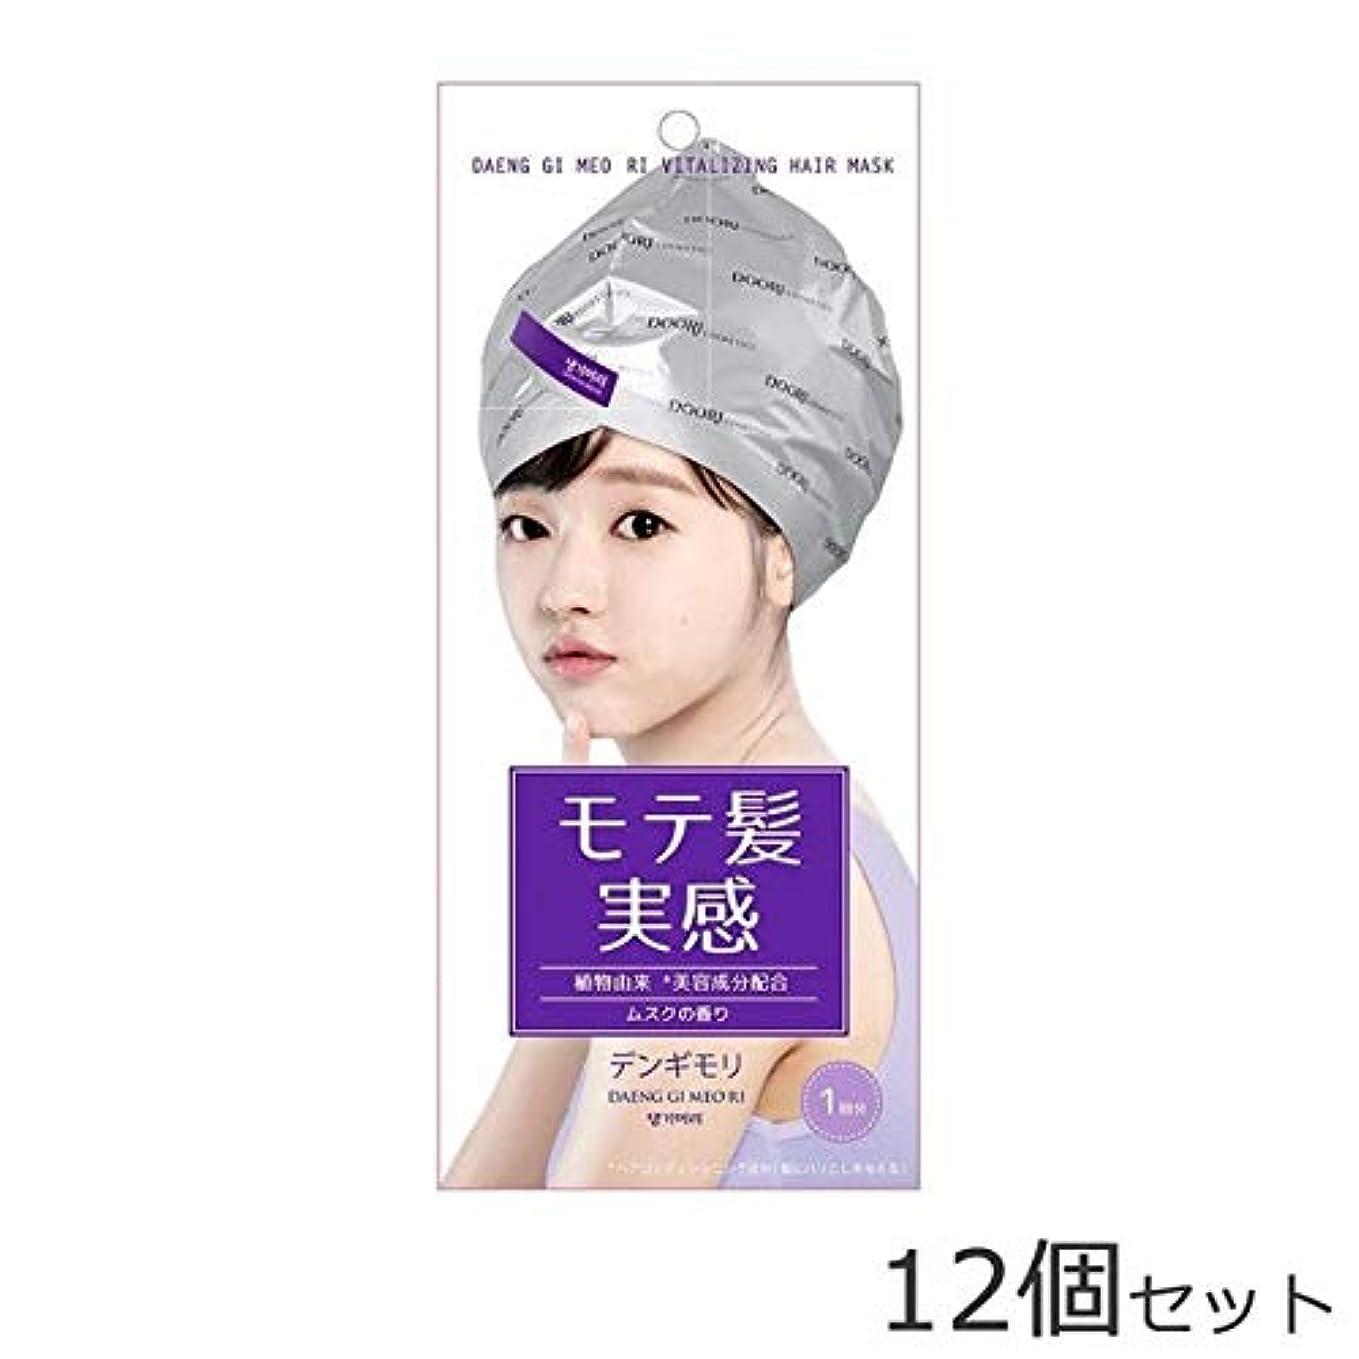 鹿ダイジェストトラクターデンギモリ 珍気 集中ヘアマスク(洗い流すヘアトリートメント) 12個セット (マスクで簡単にサロンケア)